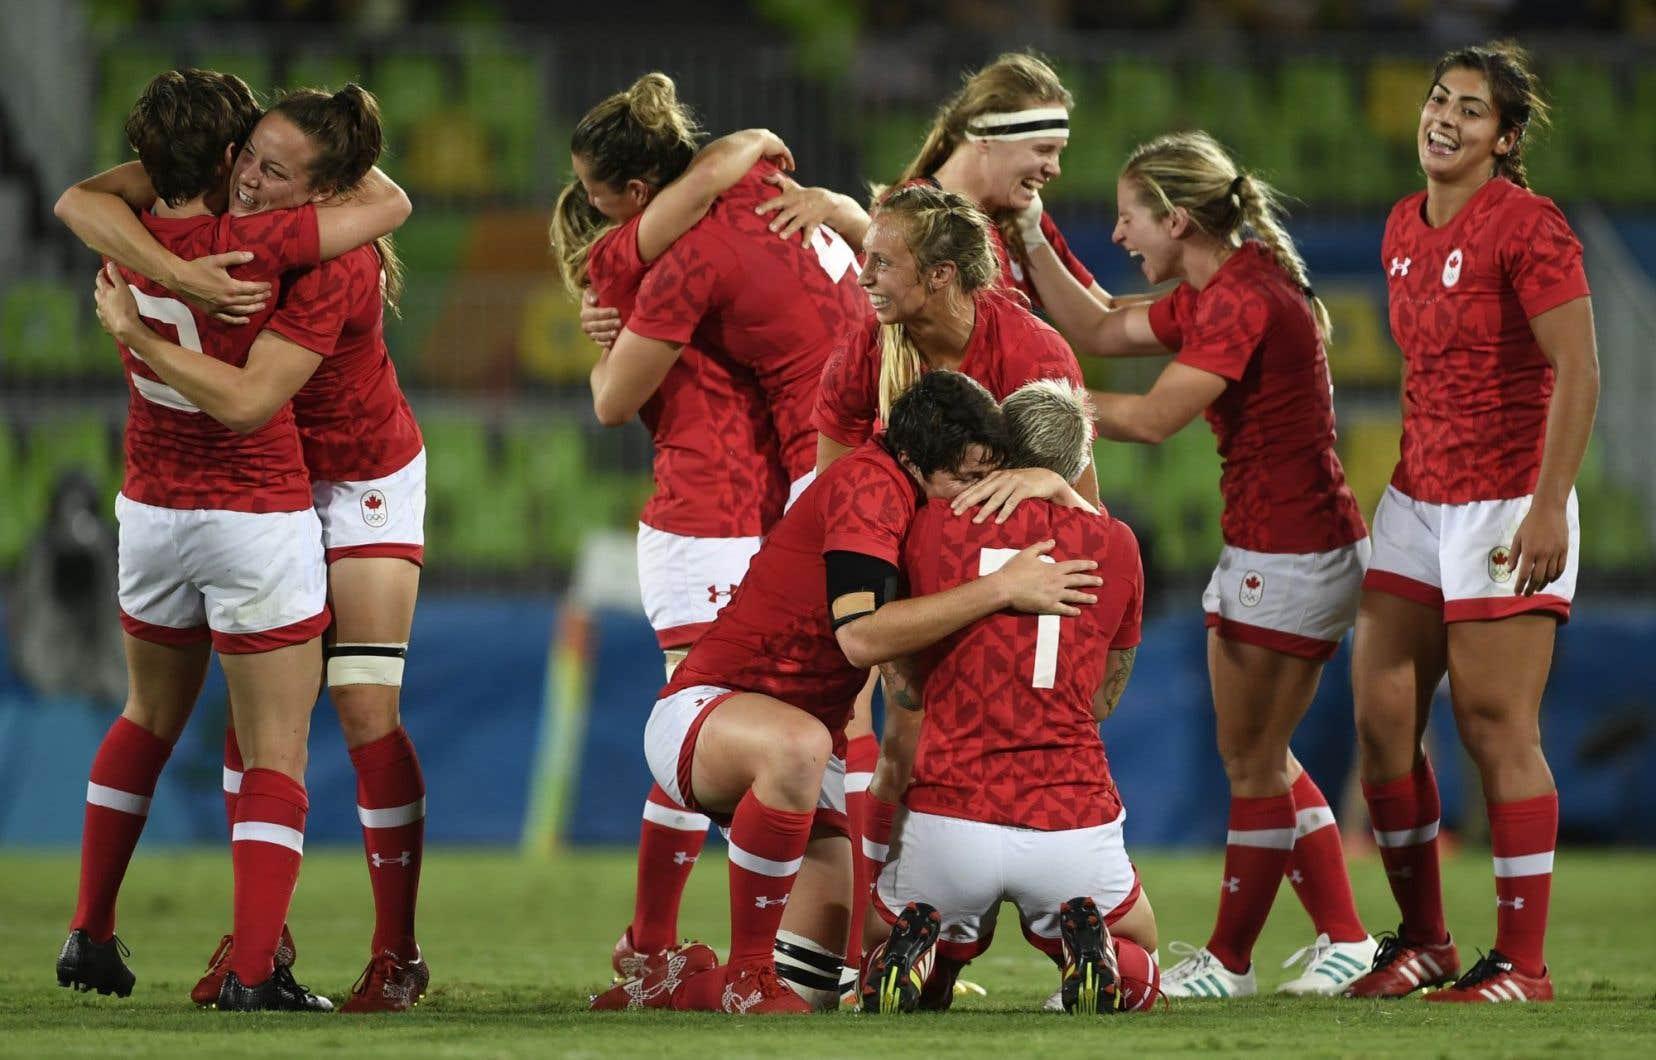 Les membres de l'équipe canadienne de rugby à sept célèbrent leur victoire contre la Grande-Bretagne, lundi.